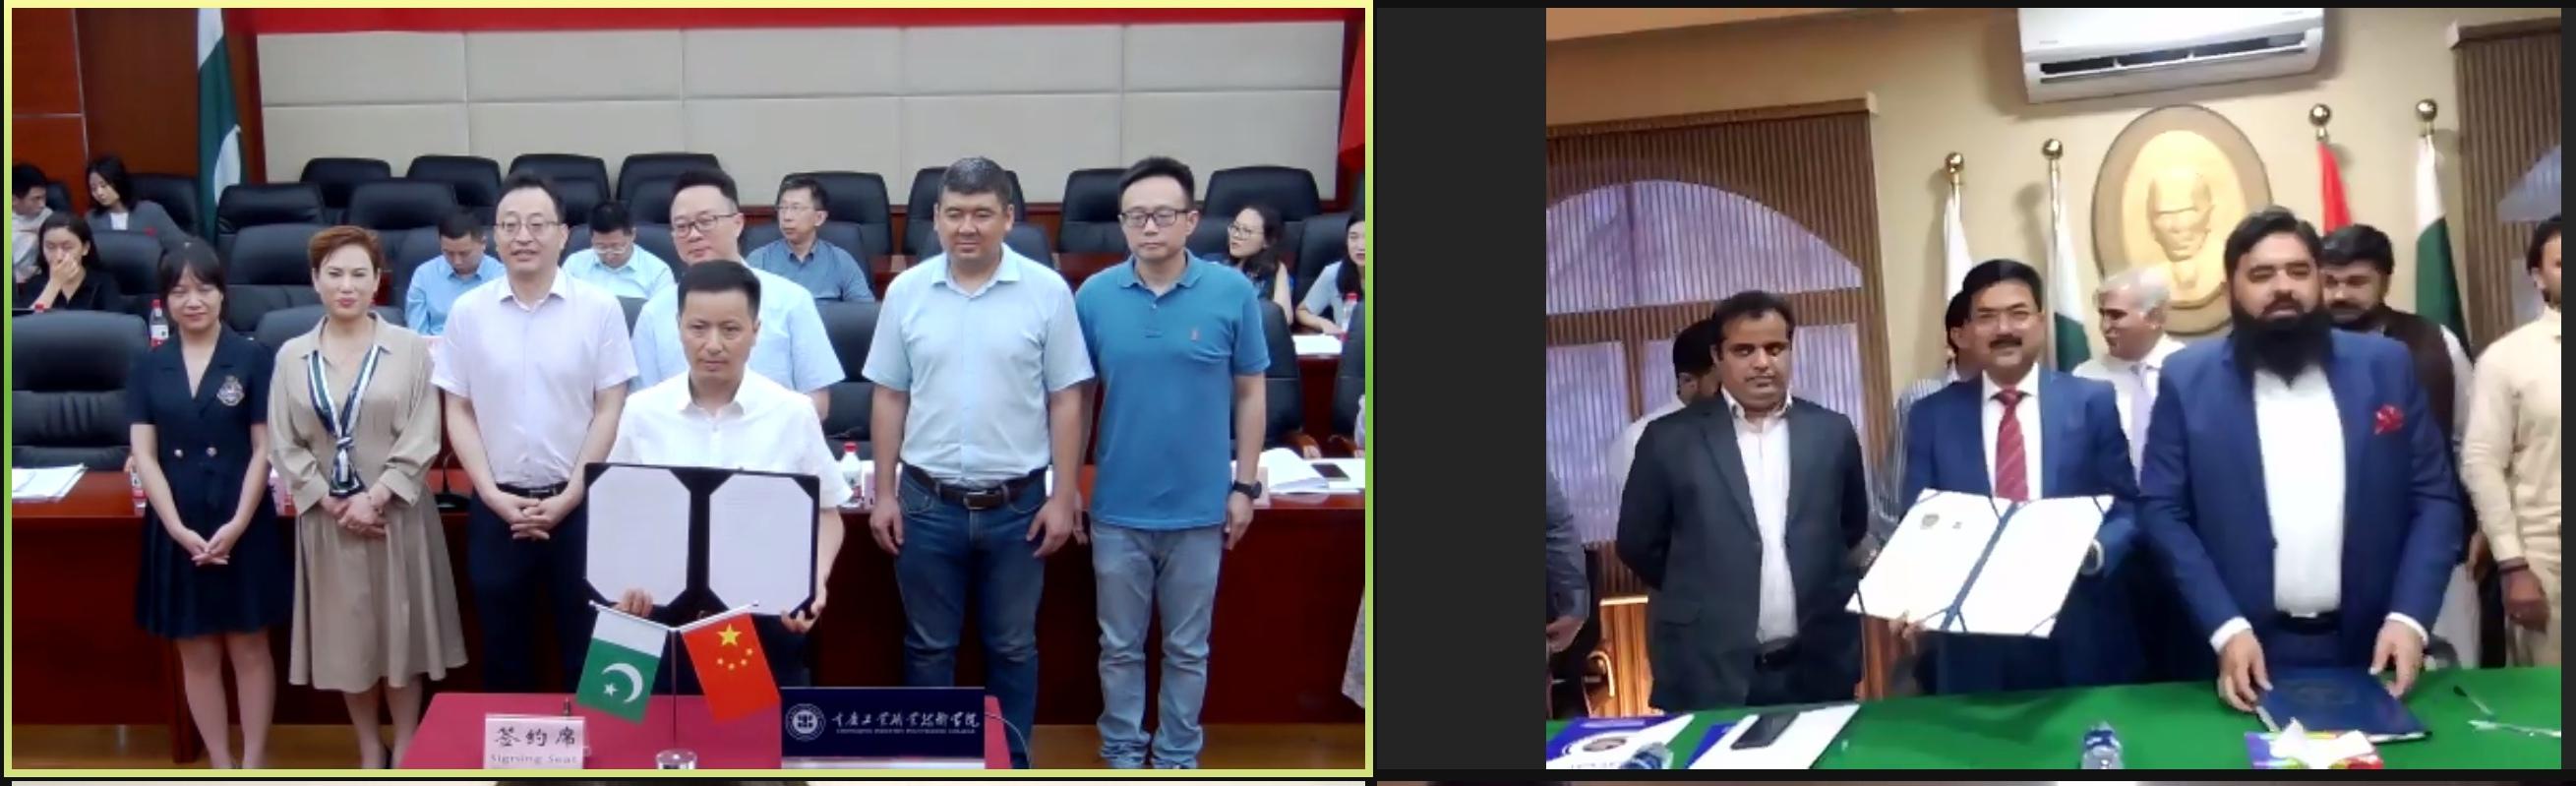 Greatpotentialof universities-industrial collaboration between Pakistan & China